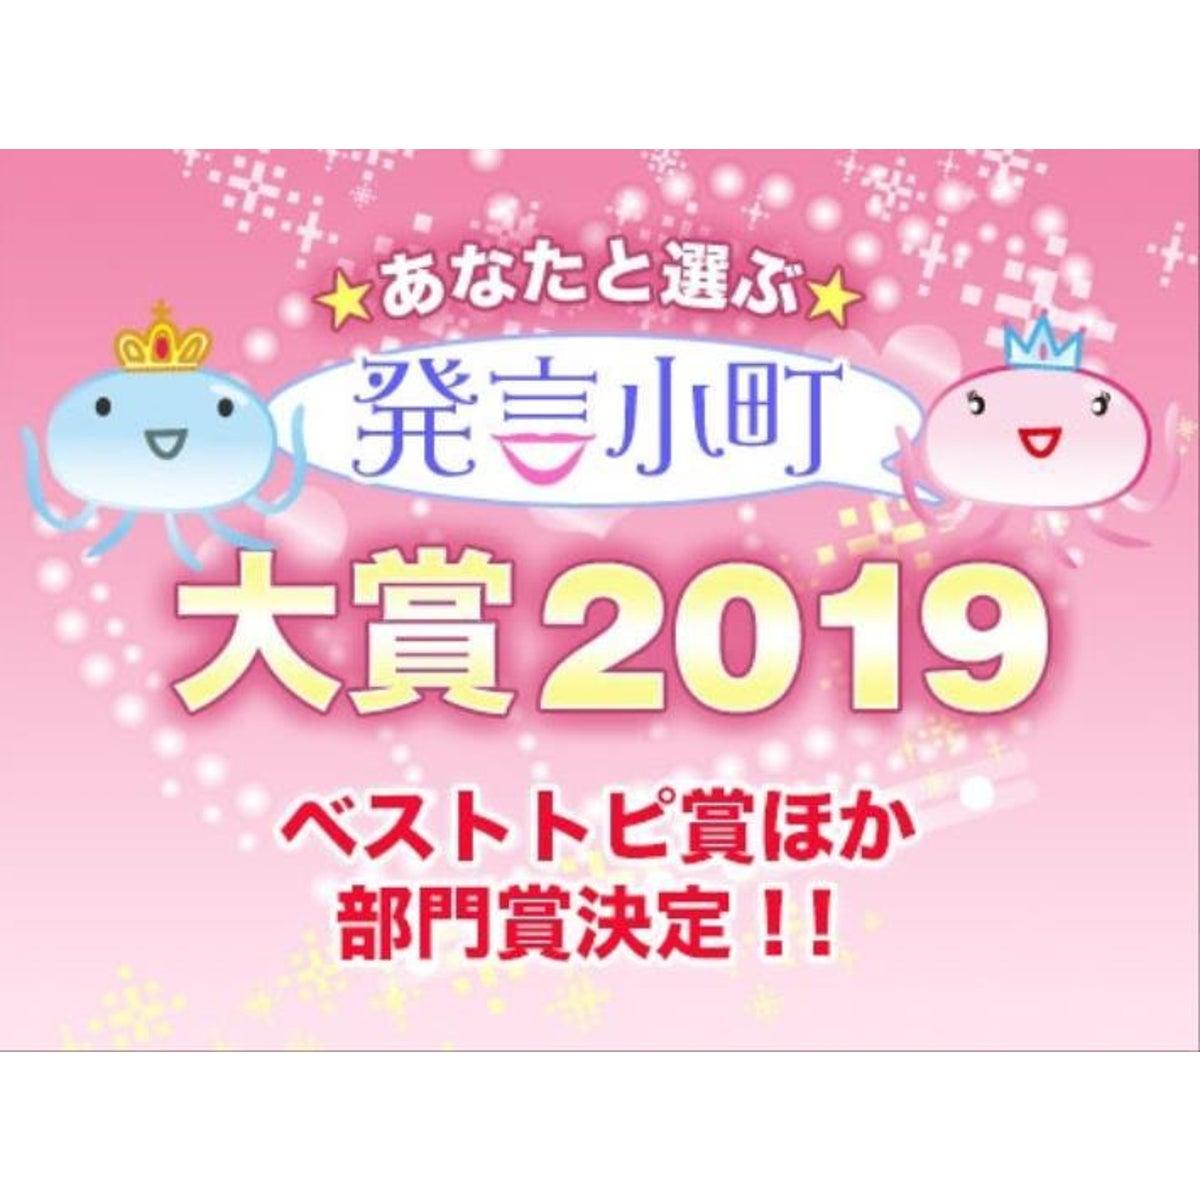 発言小町大賞2019 ベストトピ賞など結果発表! : 大賞 : 発言小町 ...